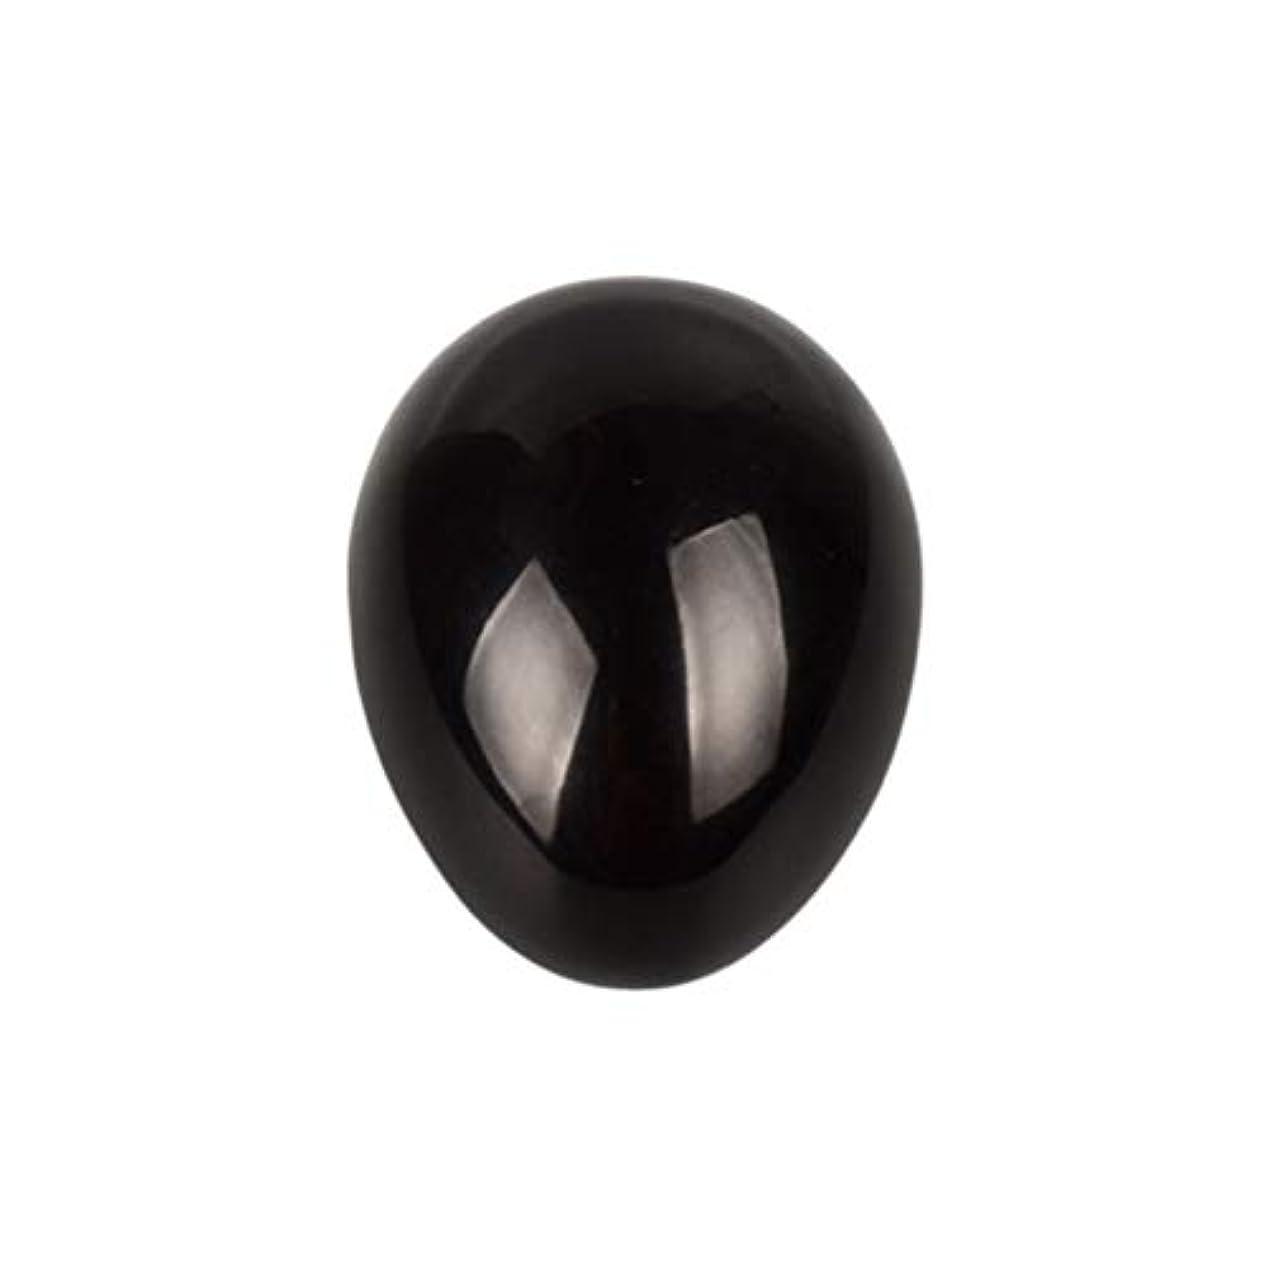 スポーツマン助けになるダウンHEALIFTY 黒曜石の癒し瞑想のための黒曜石の卵球